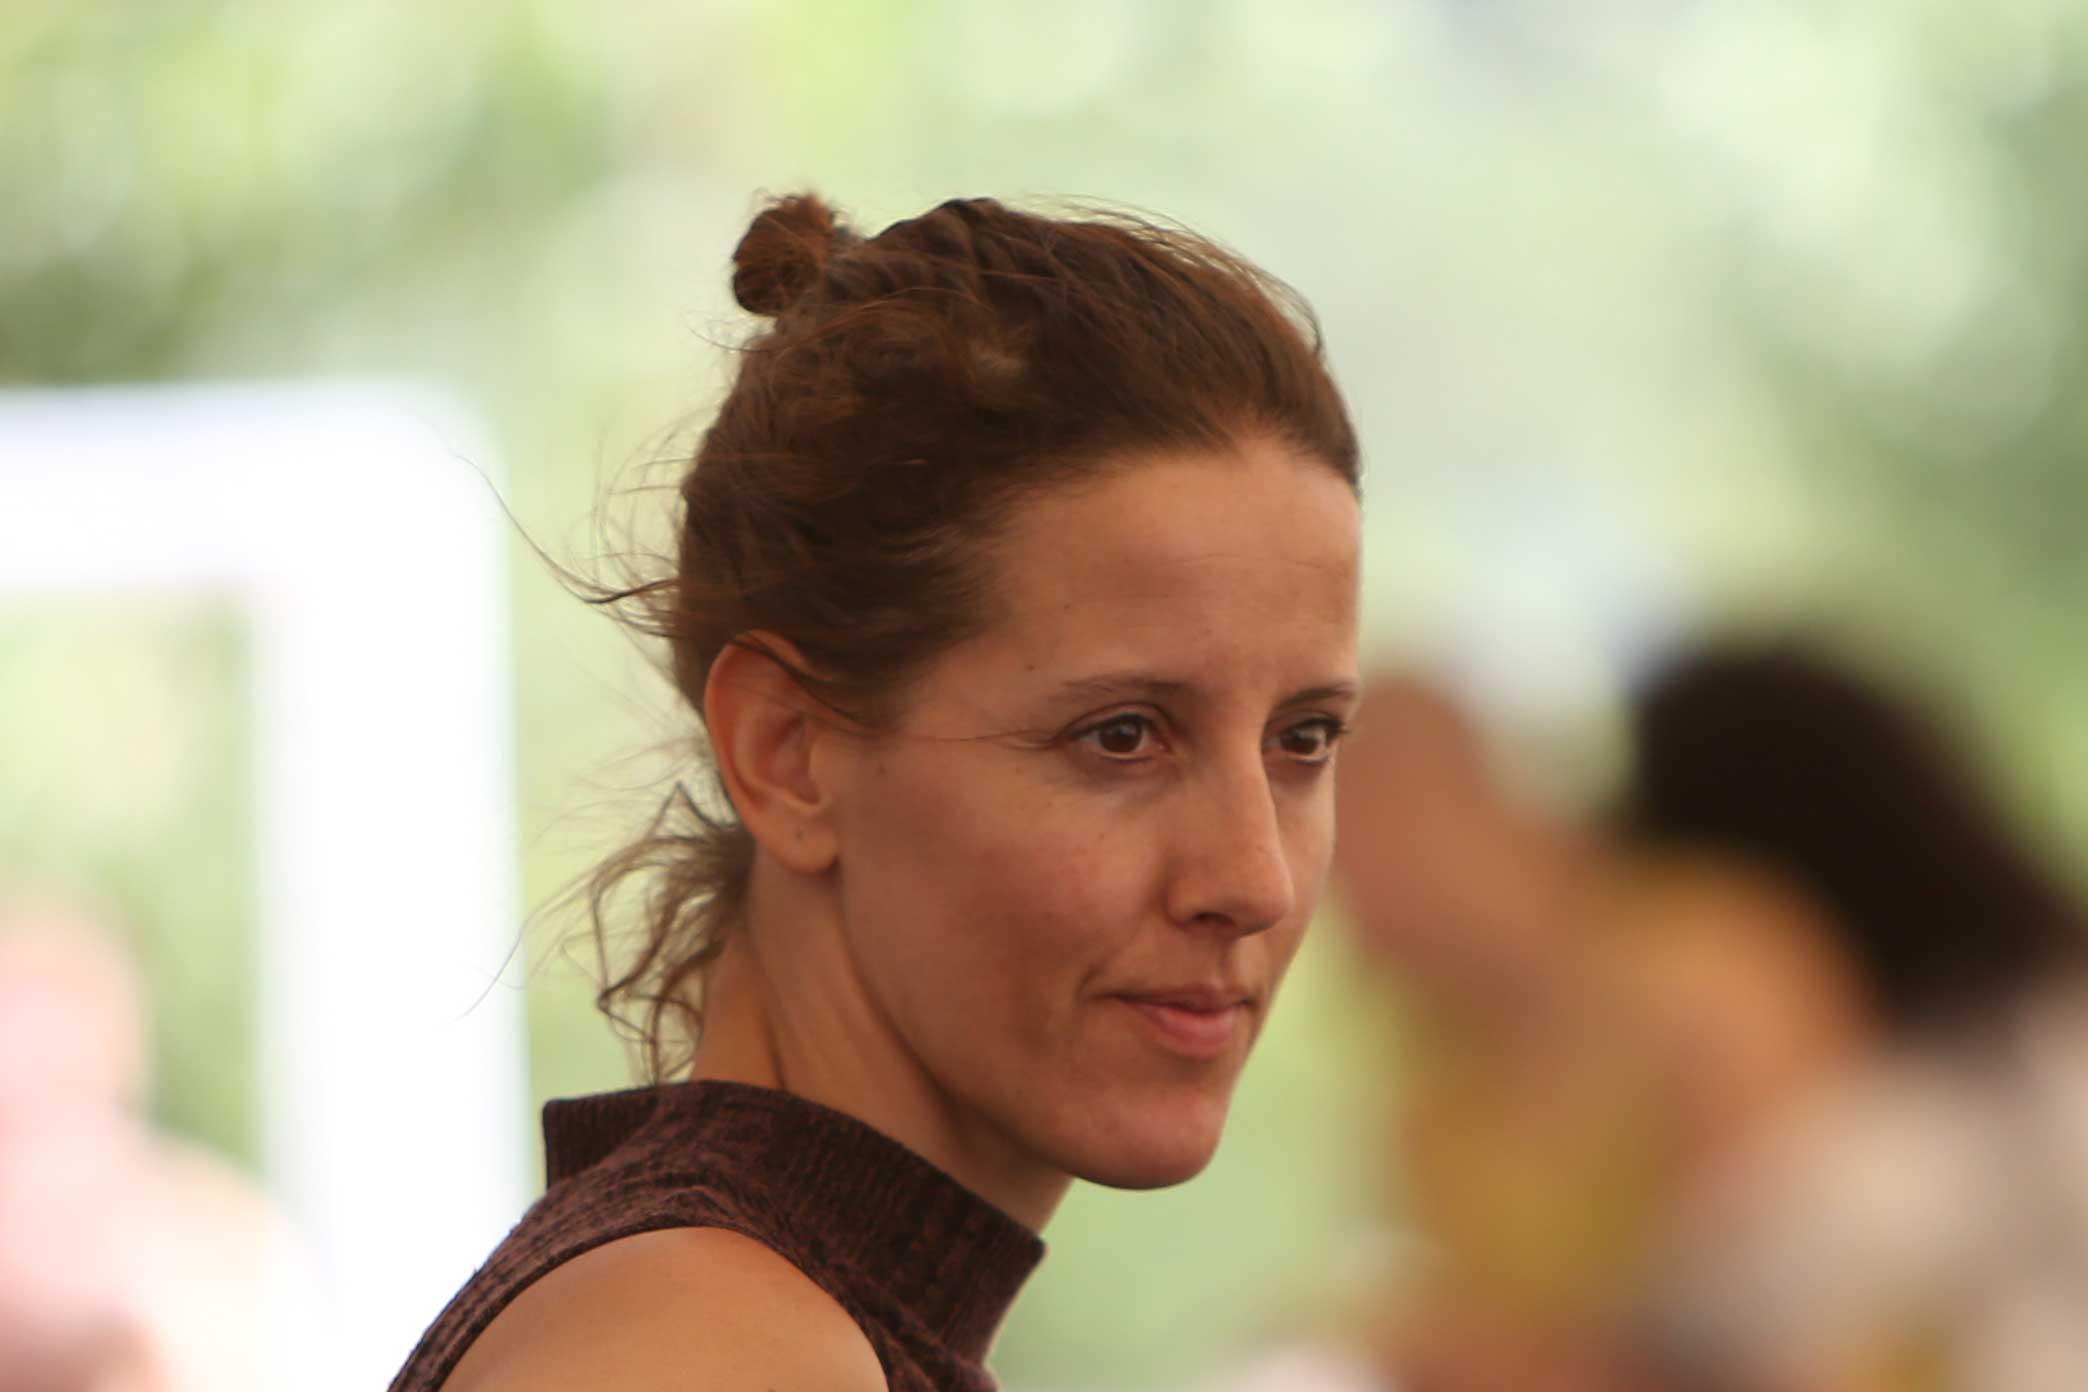 Laura Aris